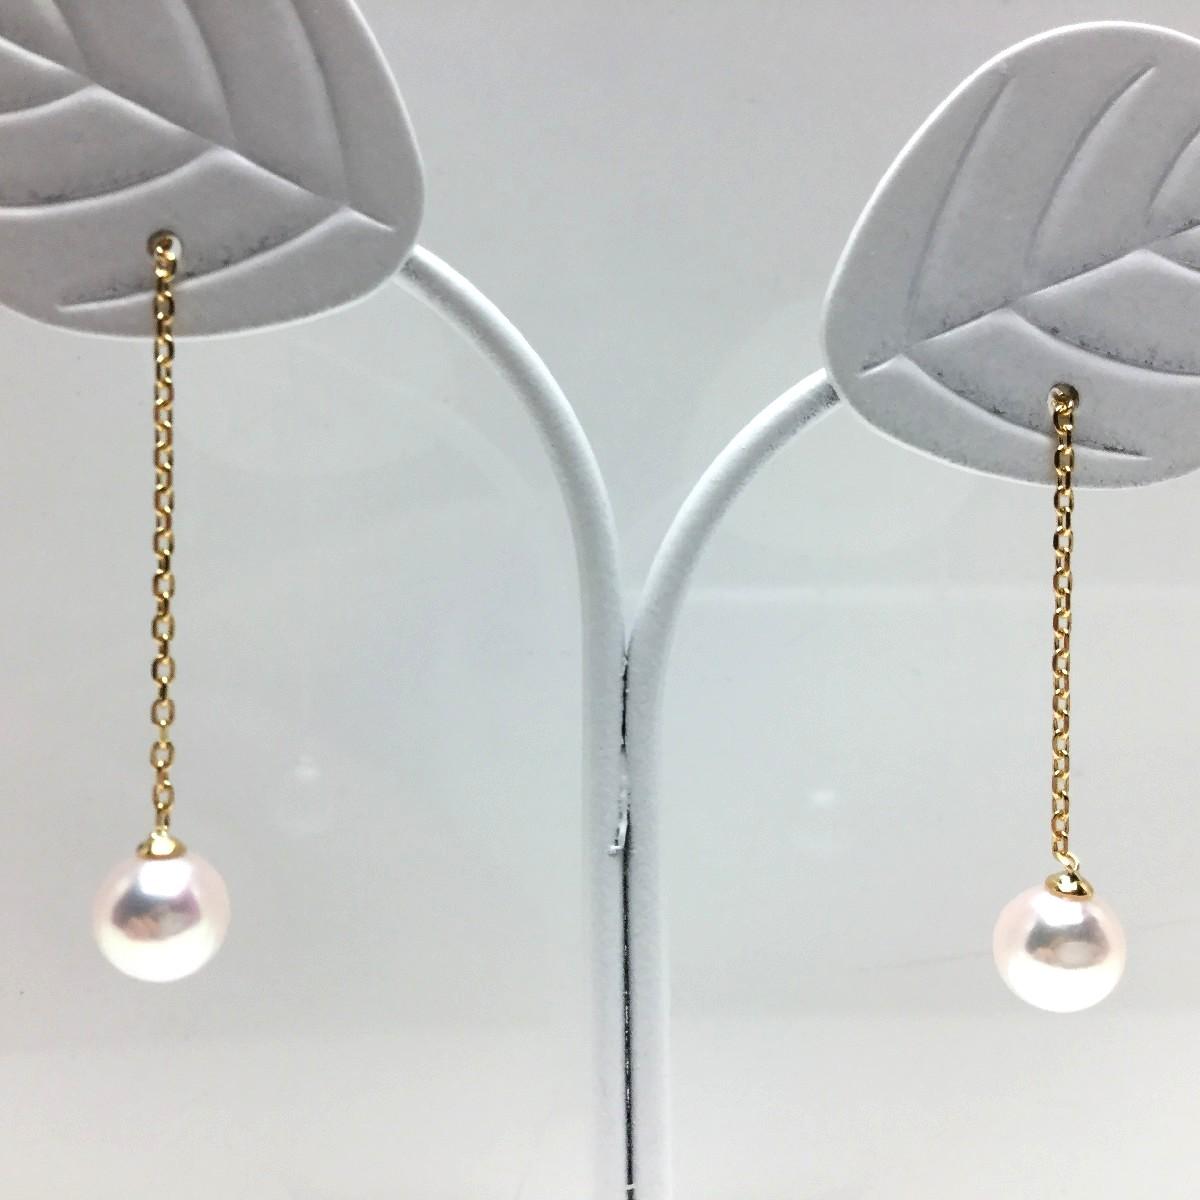 真珠 ピアス パール アコヤ真珠 チェーン 5.0-5,5mm ホワイトピンク K18 イエローゴールド 66394 イソワパール